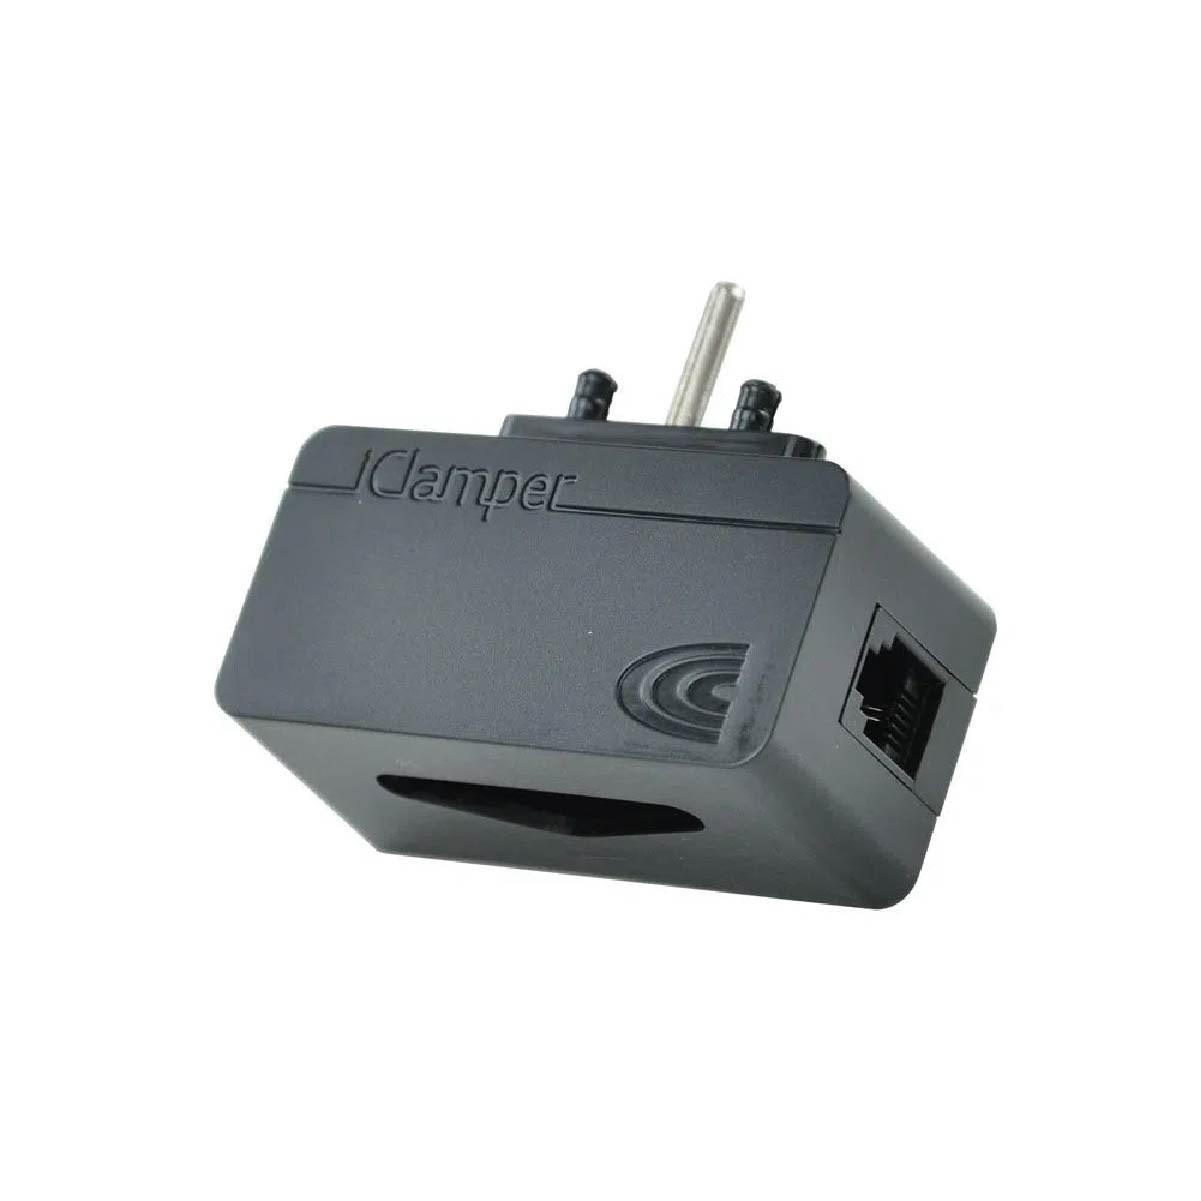 Filtro de Linha Clamper DPS Proteção Para Linhas Telefônicas/modemsADSL/centrais Preto